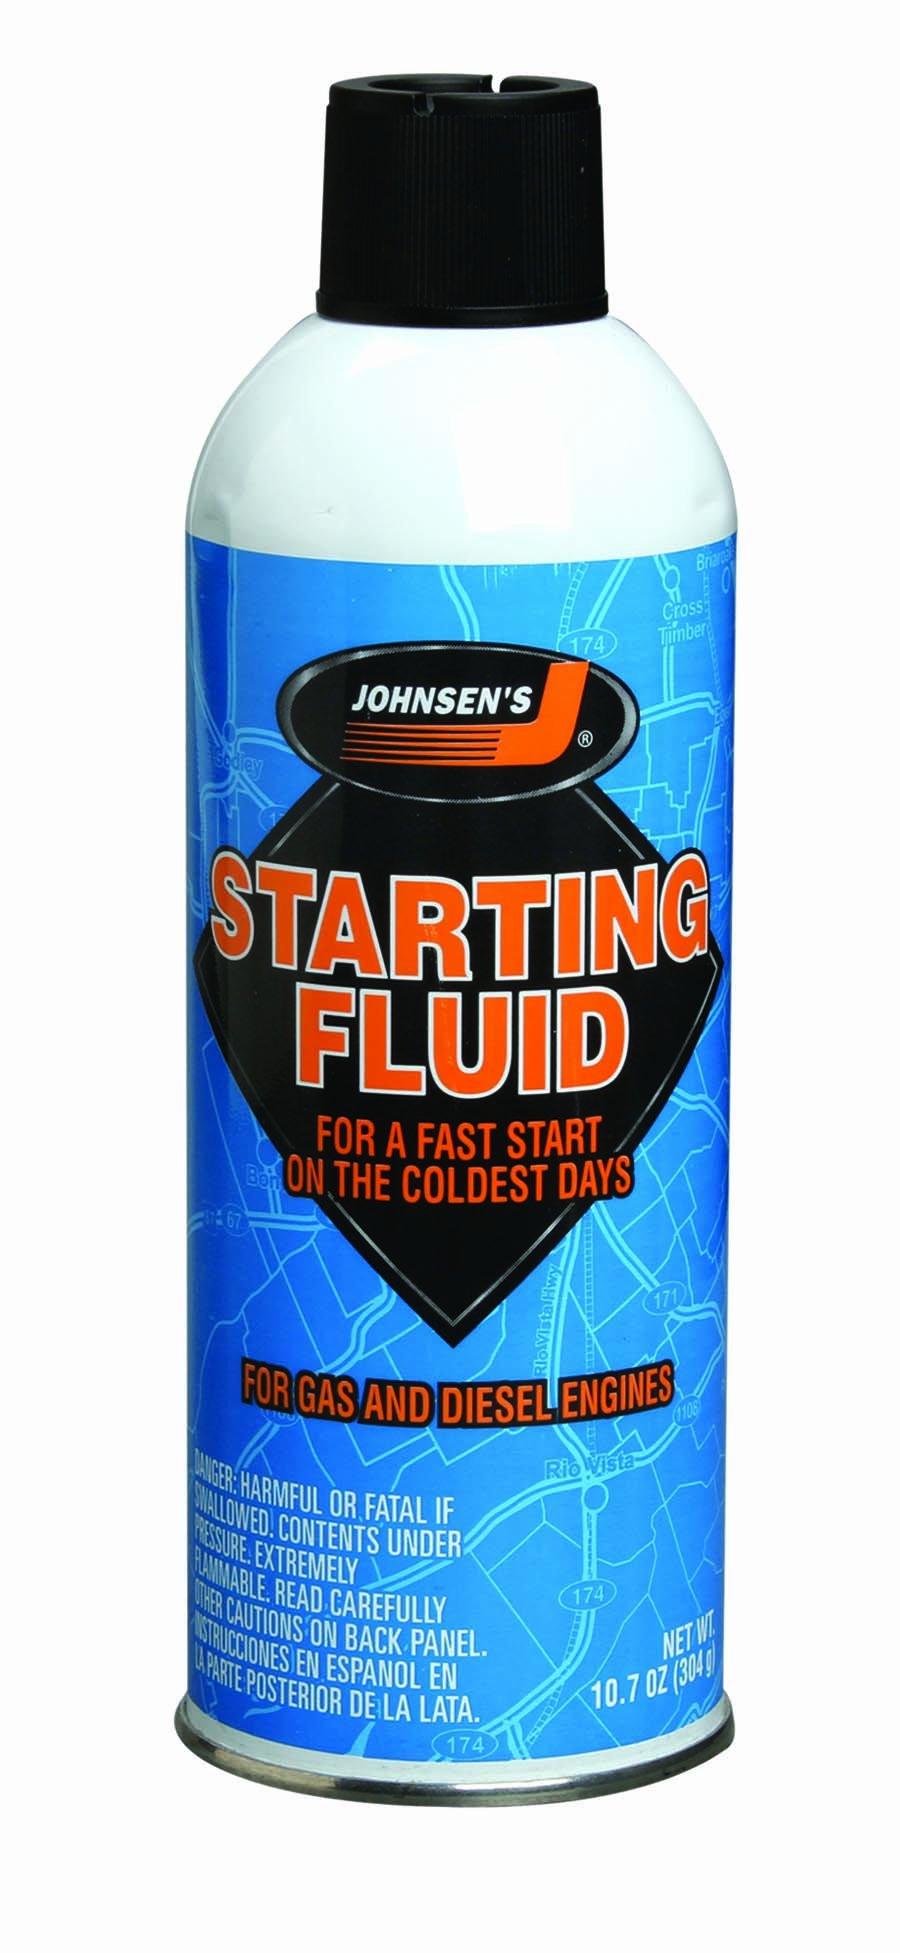 Johnsen's 6762-12PK Starting Fluid - 10.7 oz, (Pack of 12) by Johnsen's